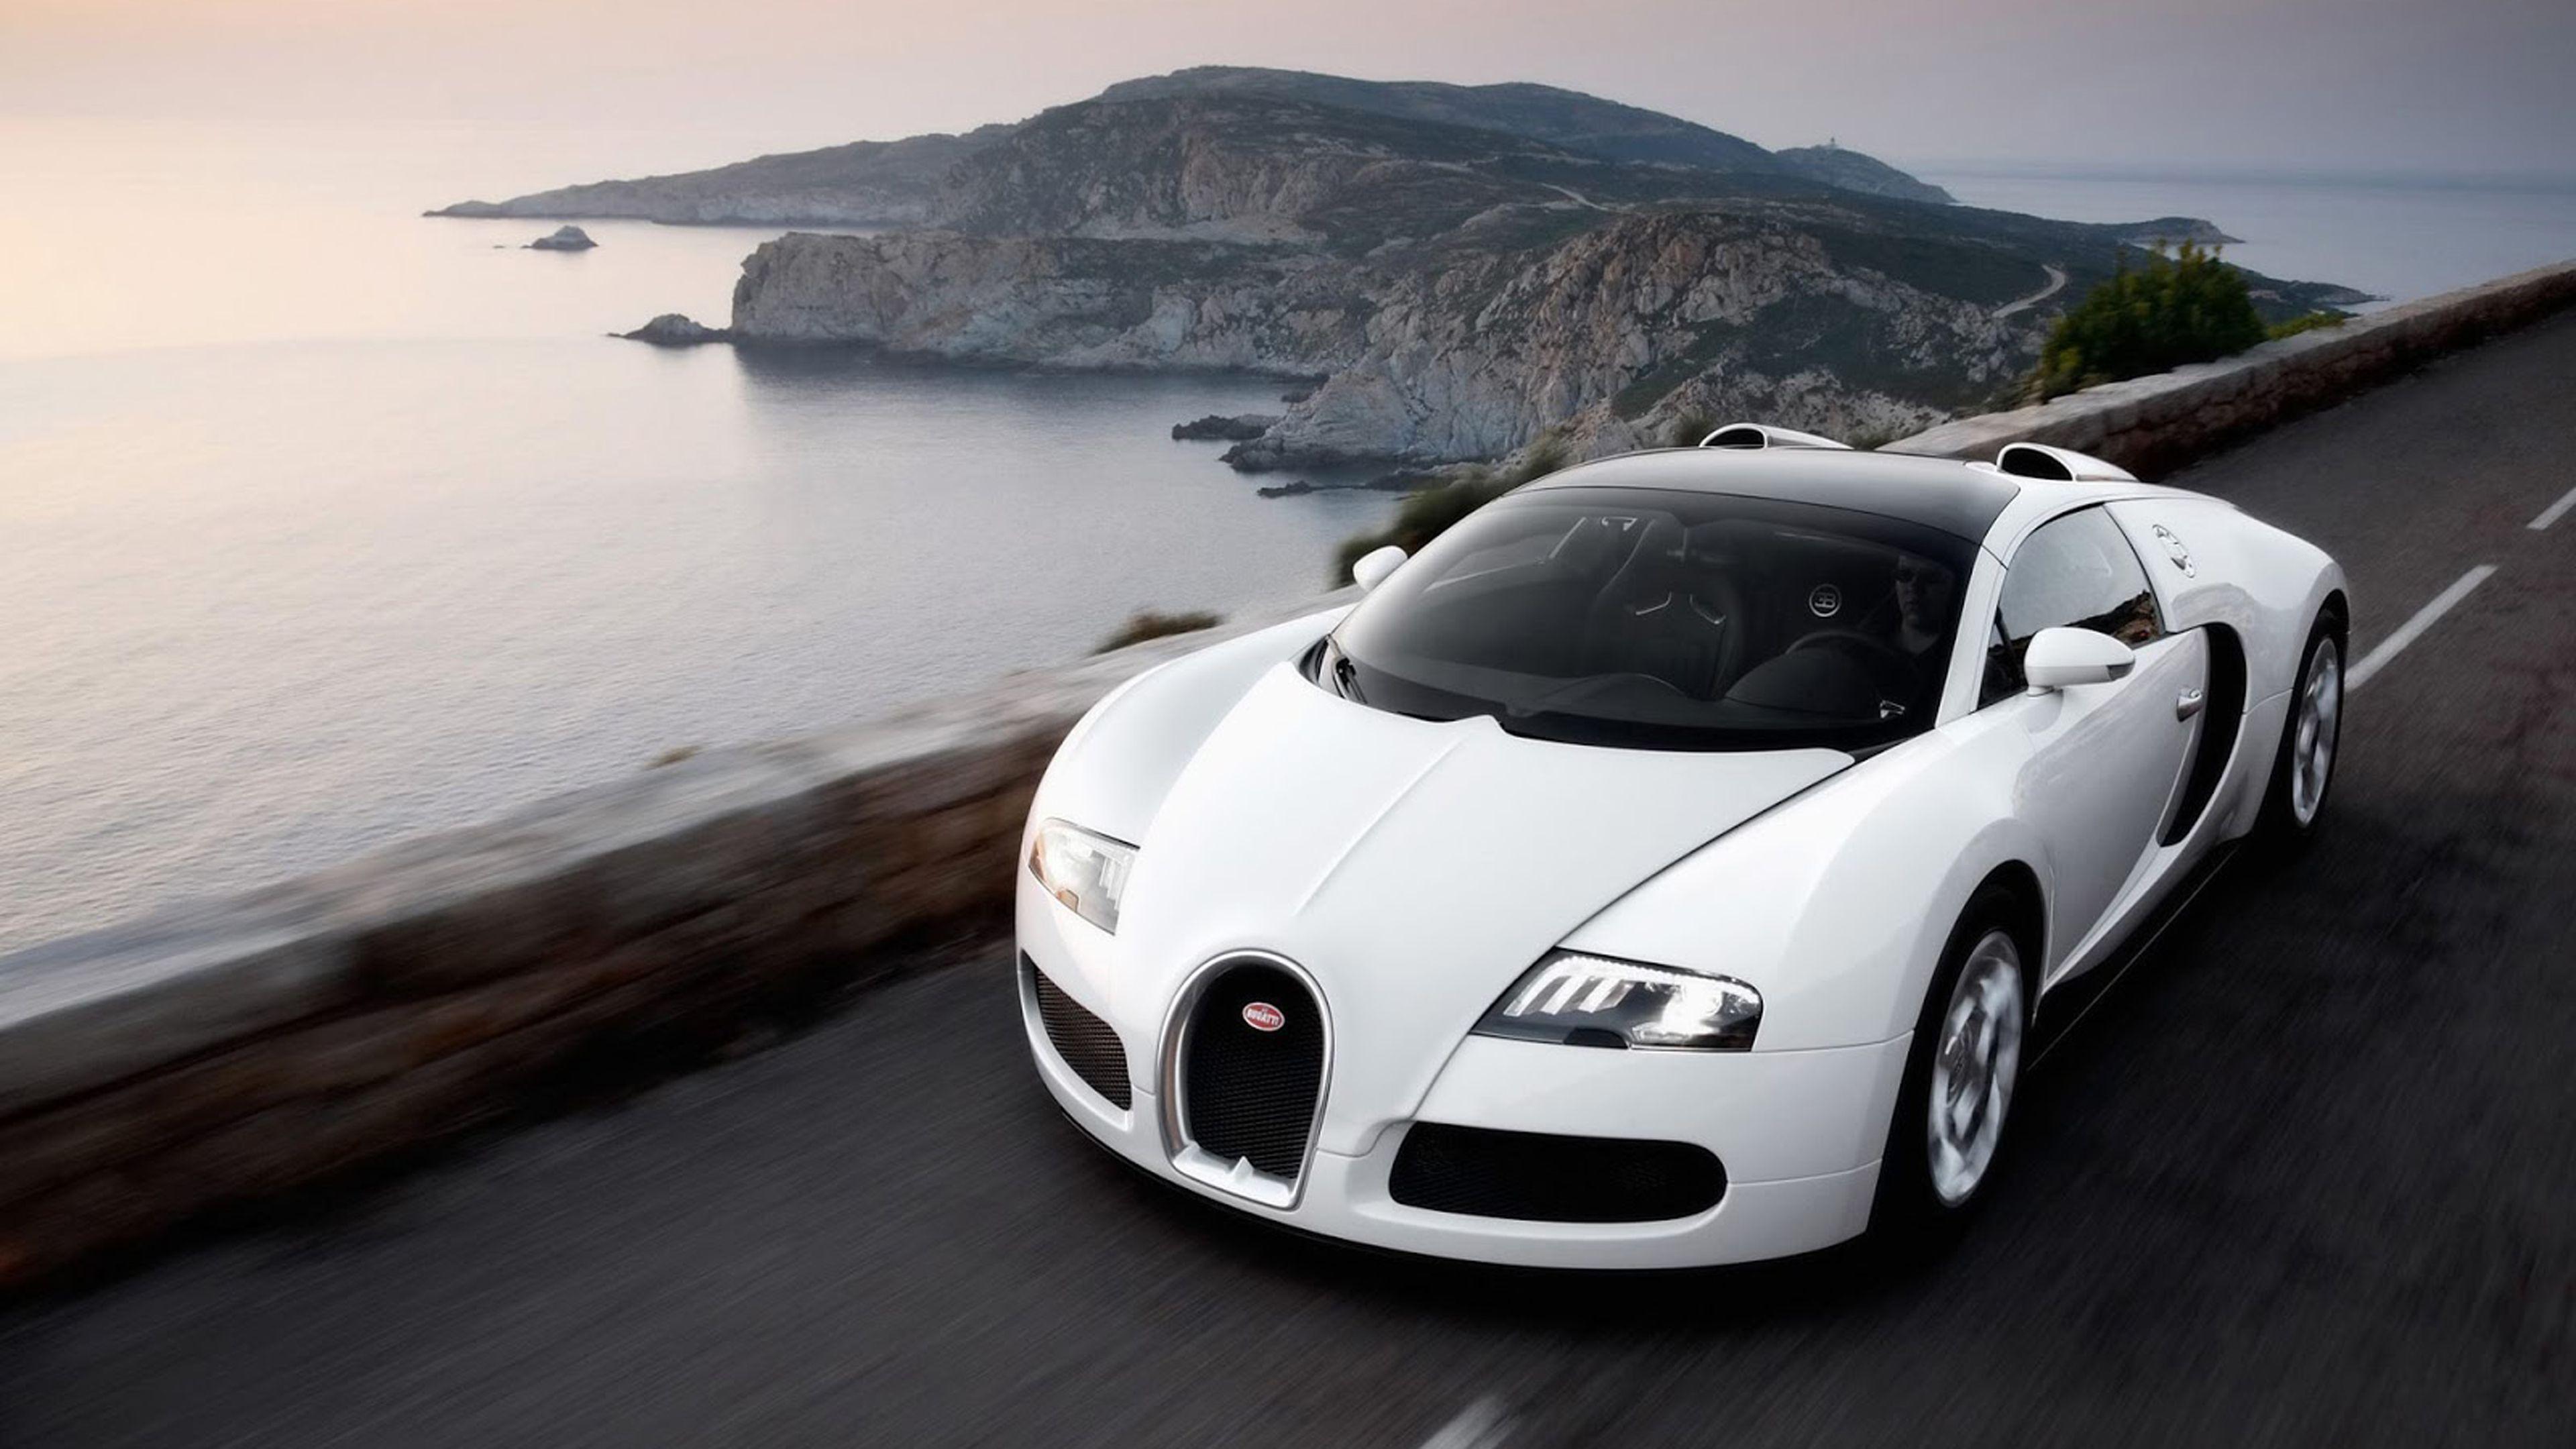 Bugatti Veyron Hd 4k Wallpaper Cars